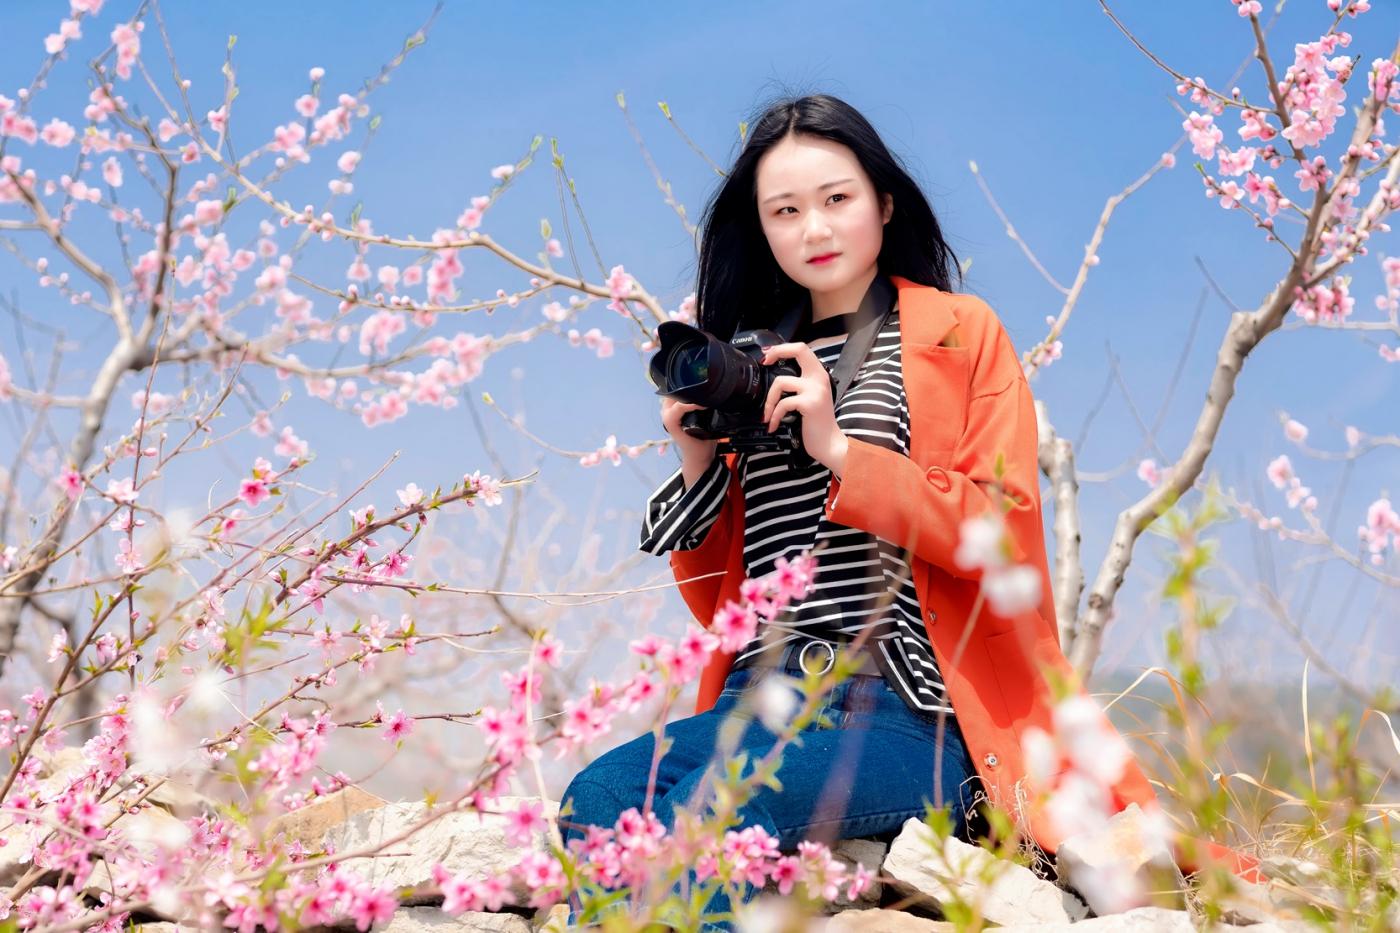 清明时节踏春的临沂女孩们_图1-17